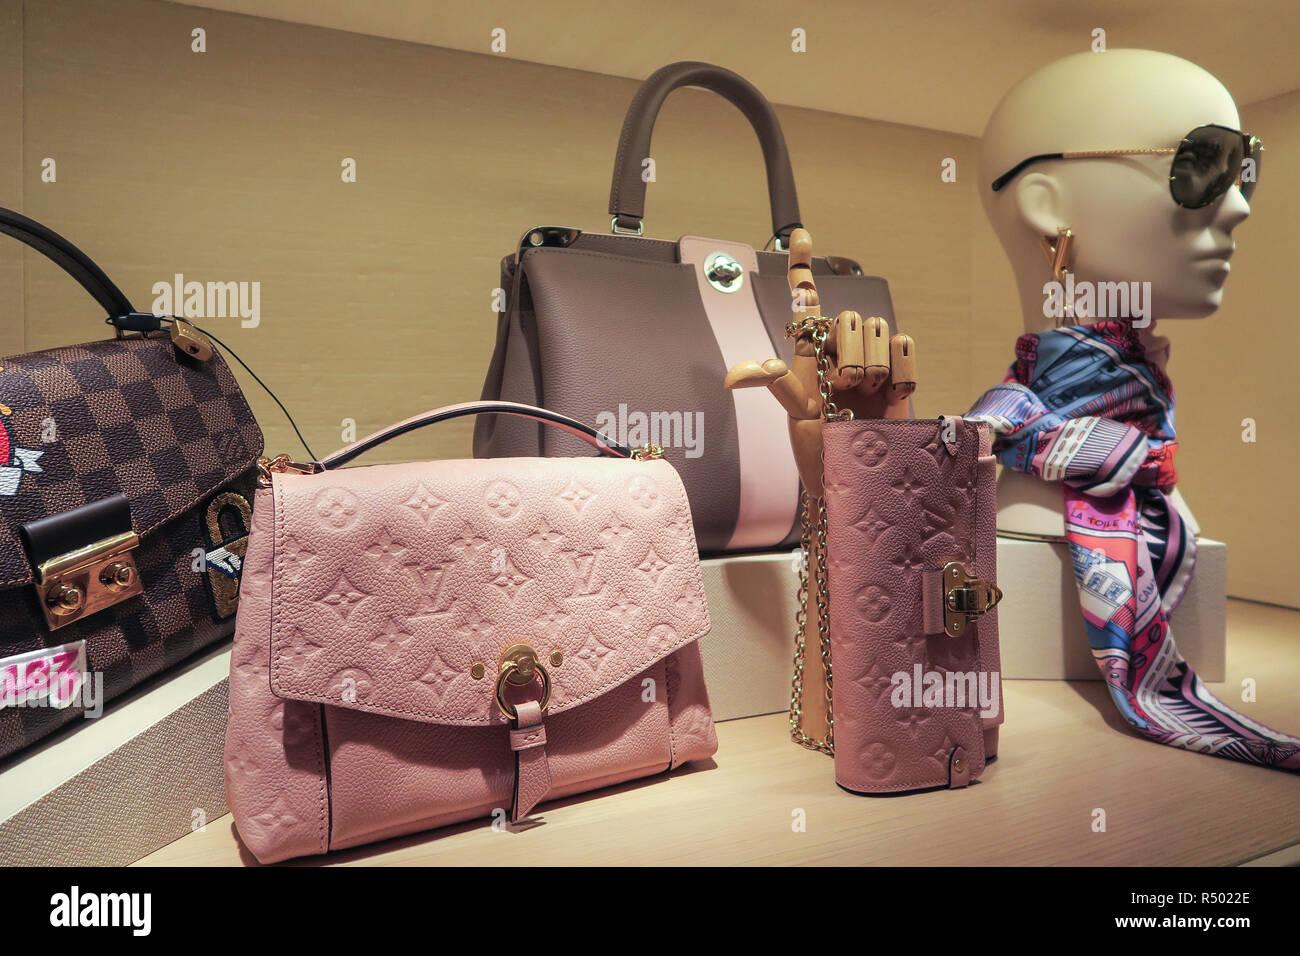 18c2464c6b23 Louis Vuitton Purse Stock Photos   Louis Vuitton Purse Stock Images ...